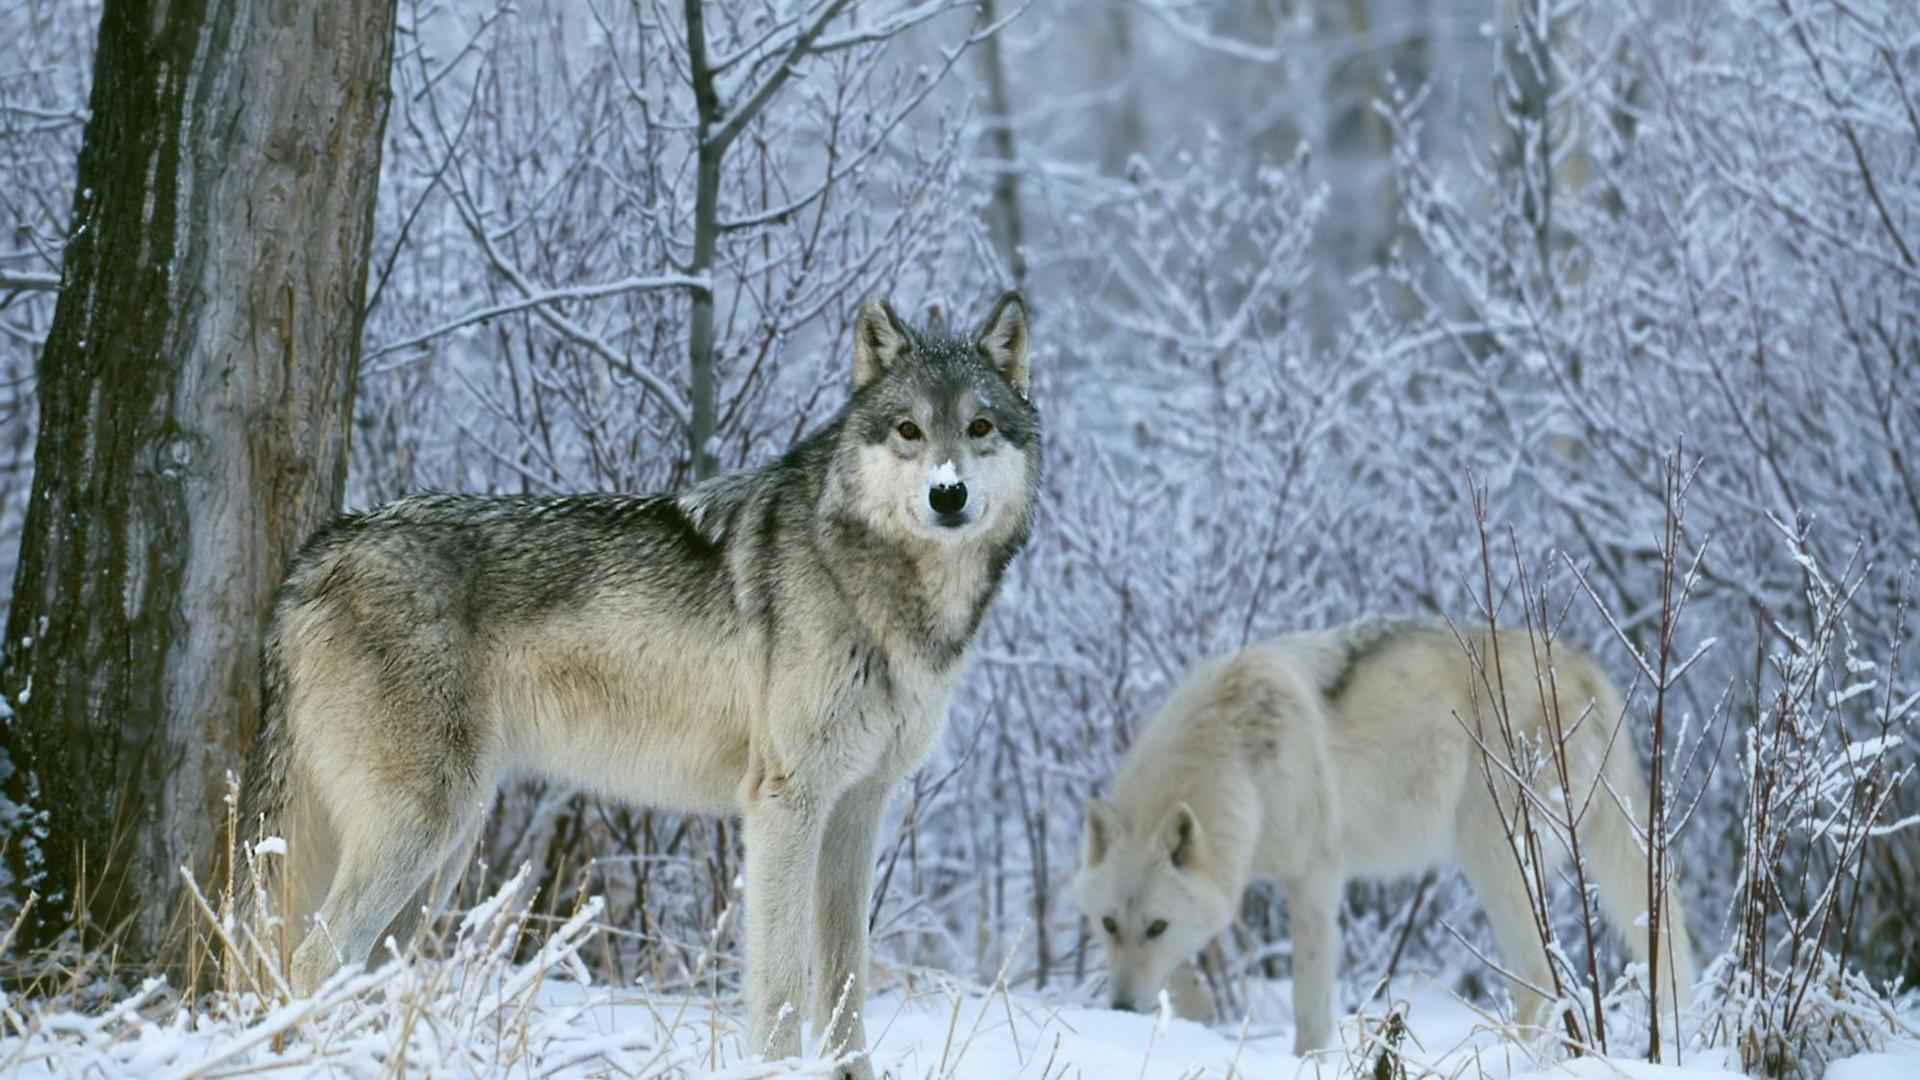 Wild Animals HD Desktop Wallpaper – Wolf